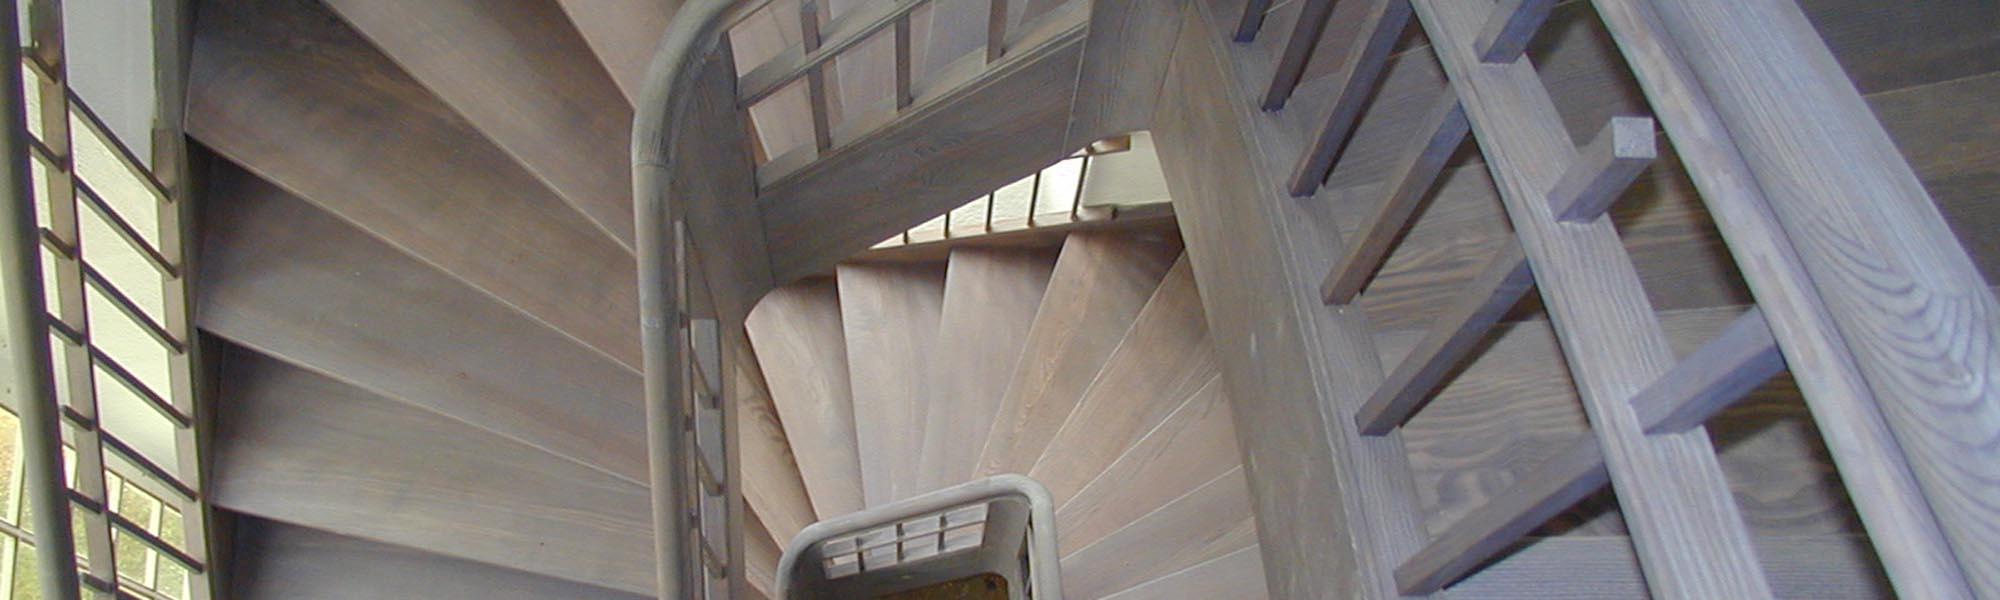 Tischlerei-Treppenbau Gunter Bieber